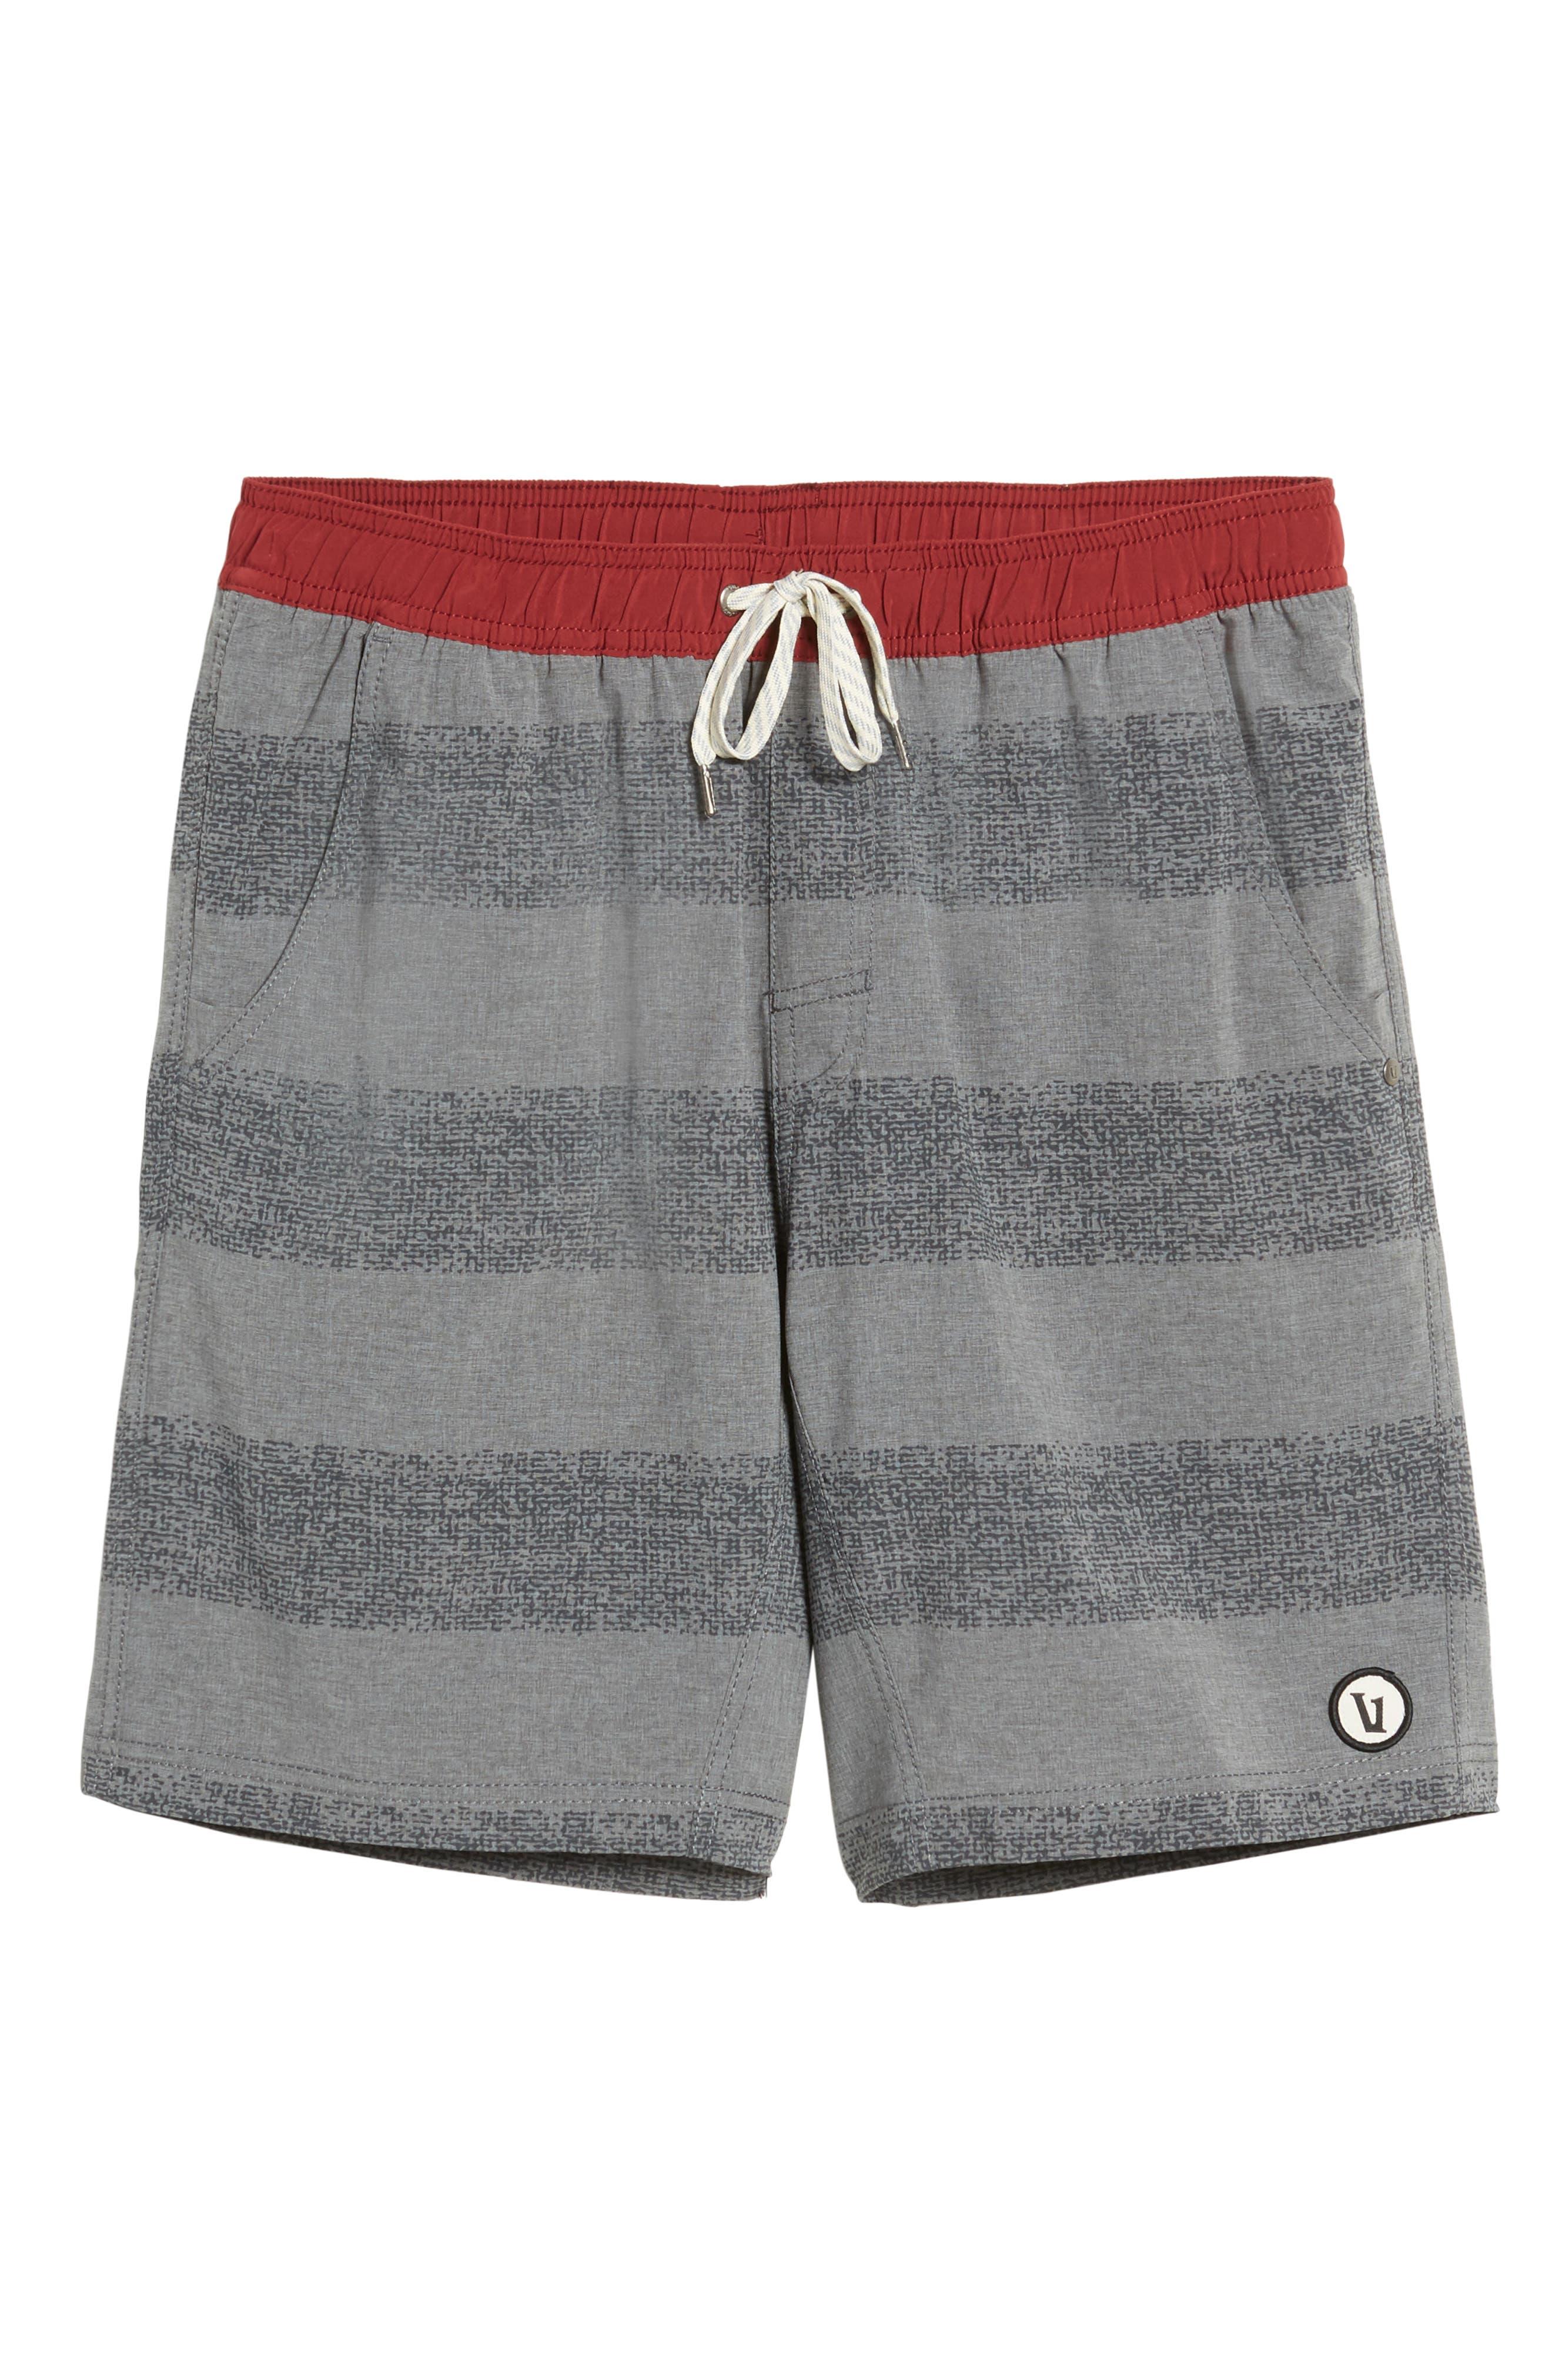 VUORI,                             Kore Slim Fit Athletic Shorts,                             Alternate thumbnail 6, color,                             035